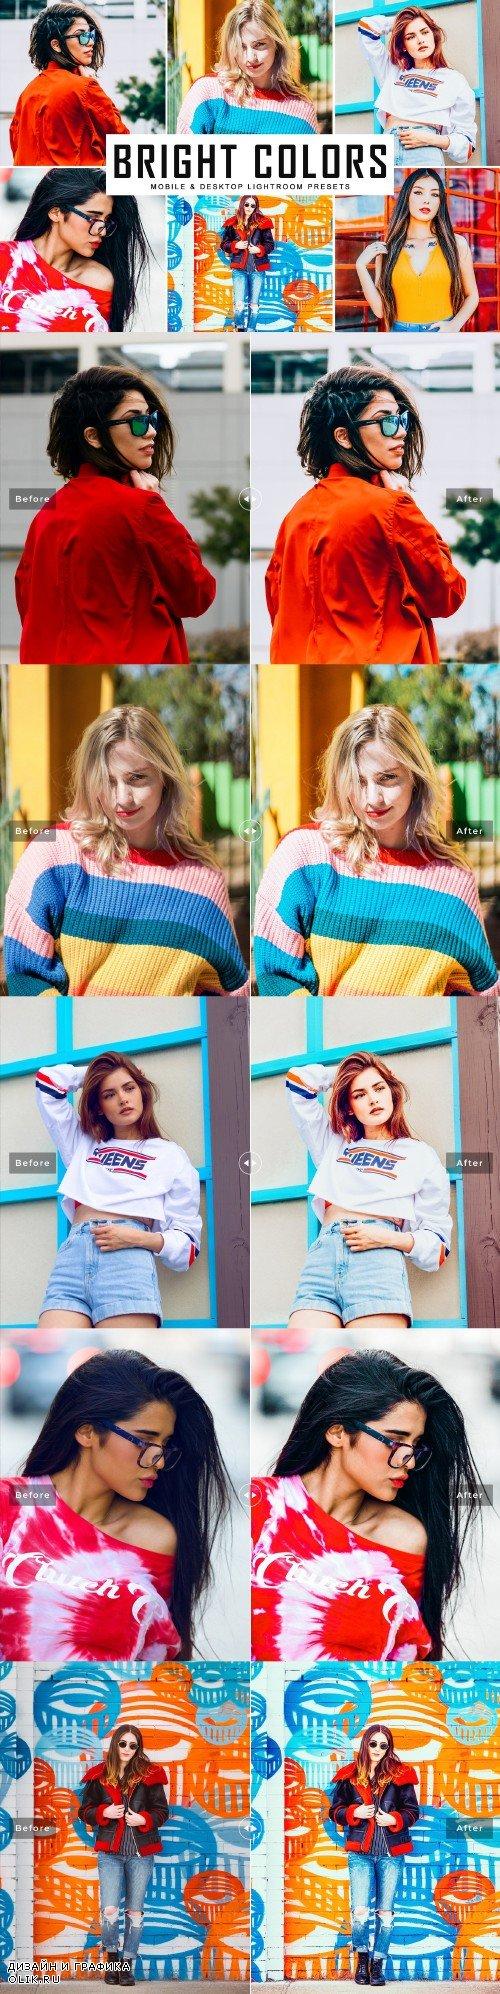 Bright Colors LRM Presets - 3967258